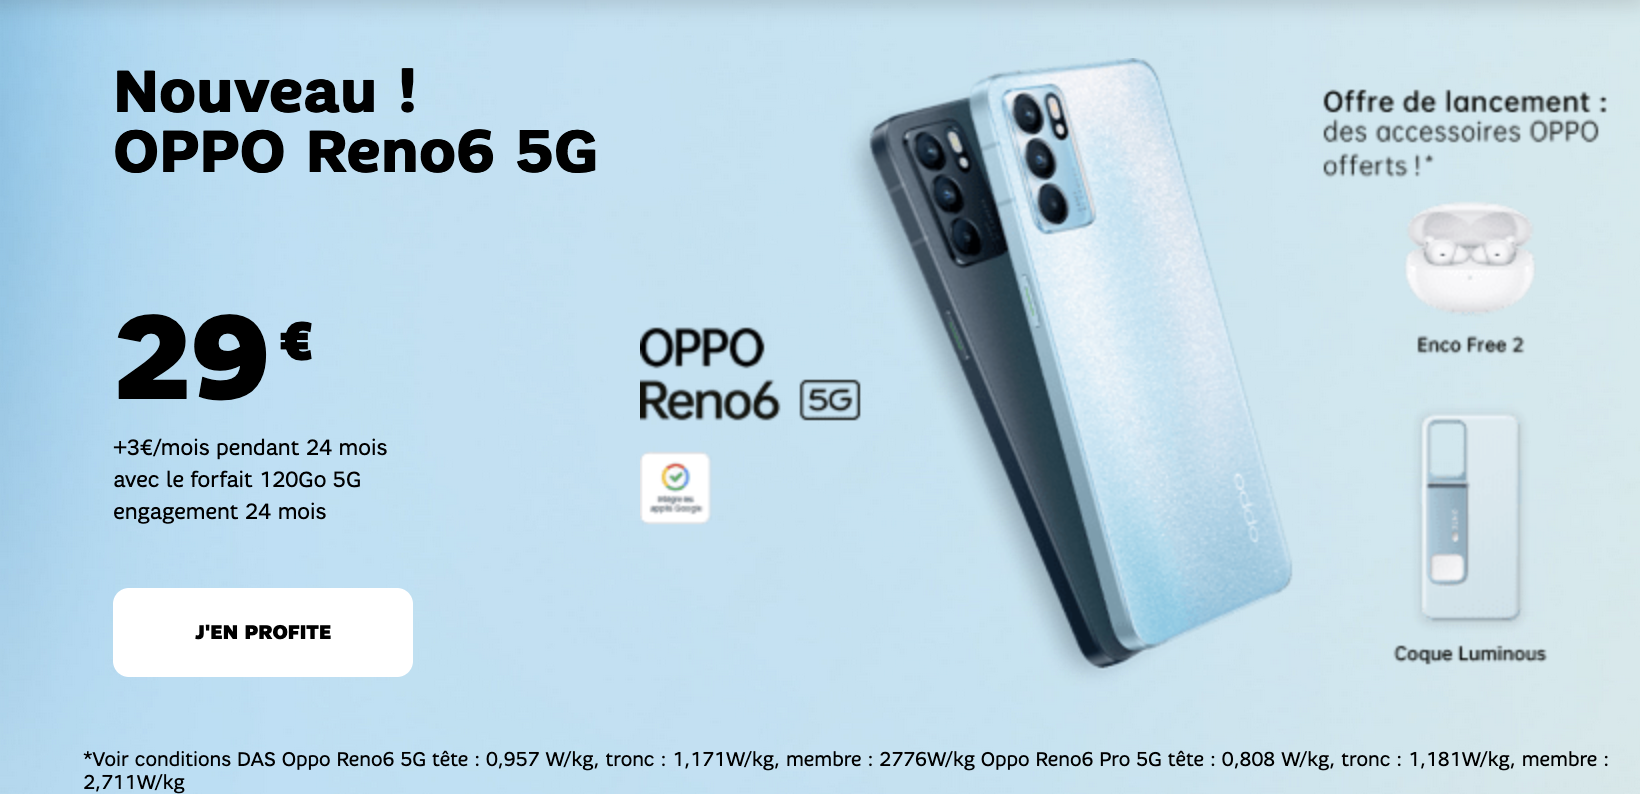 OPPO Reno6 SFR